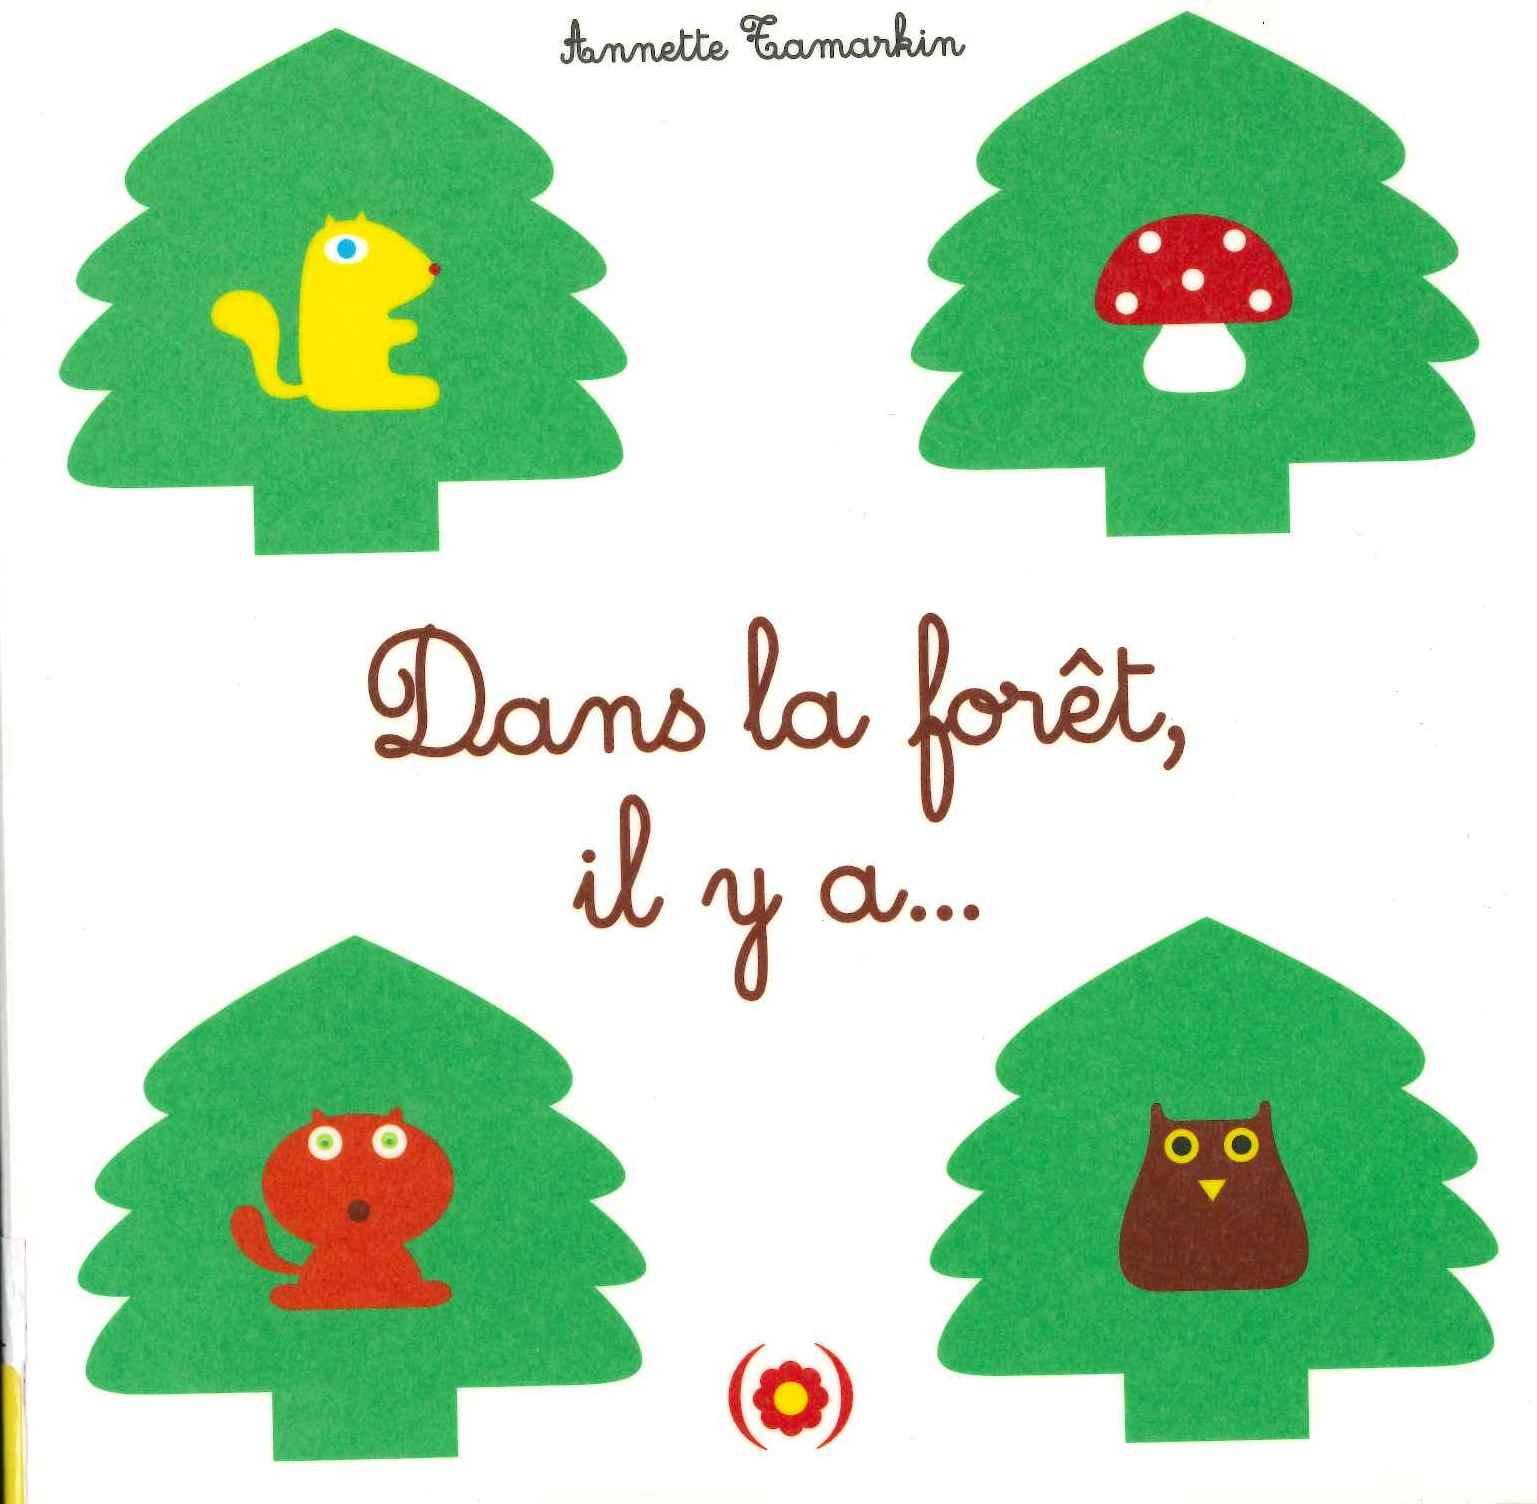 Dans la forêt, il y a… (Annette Tamarkin)